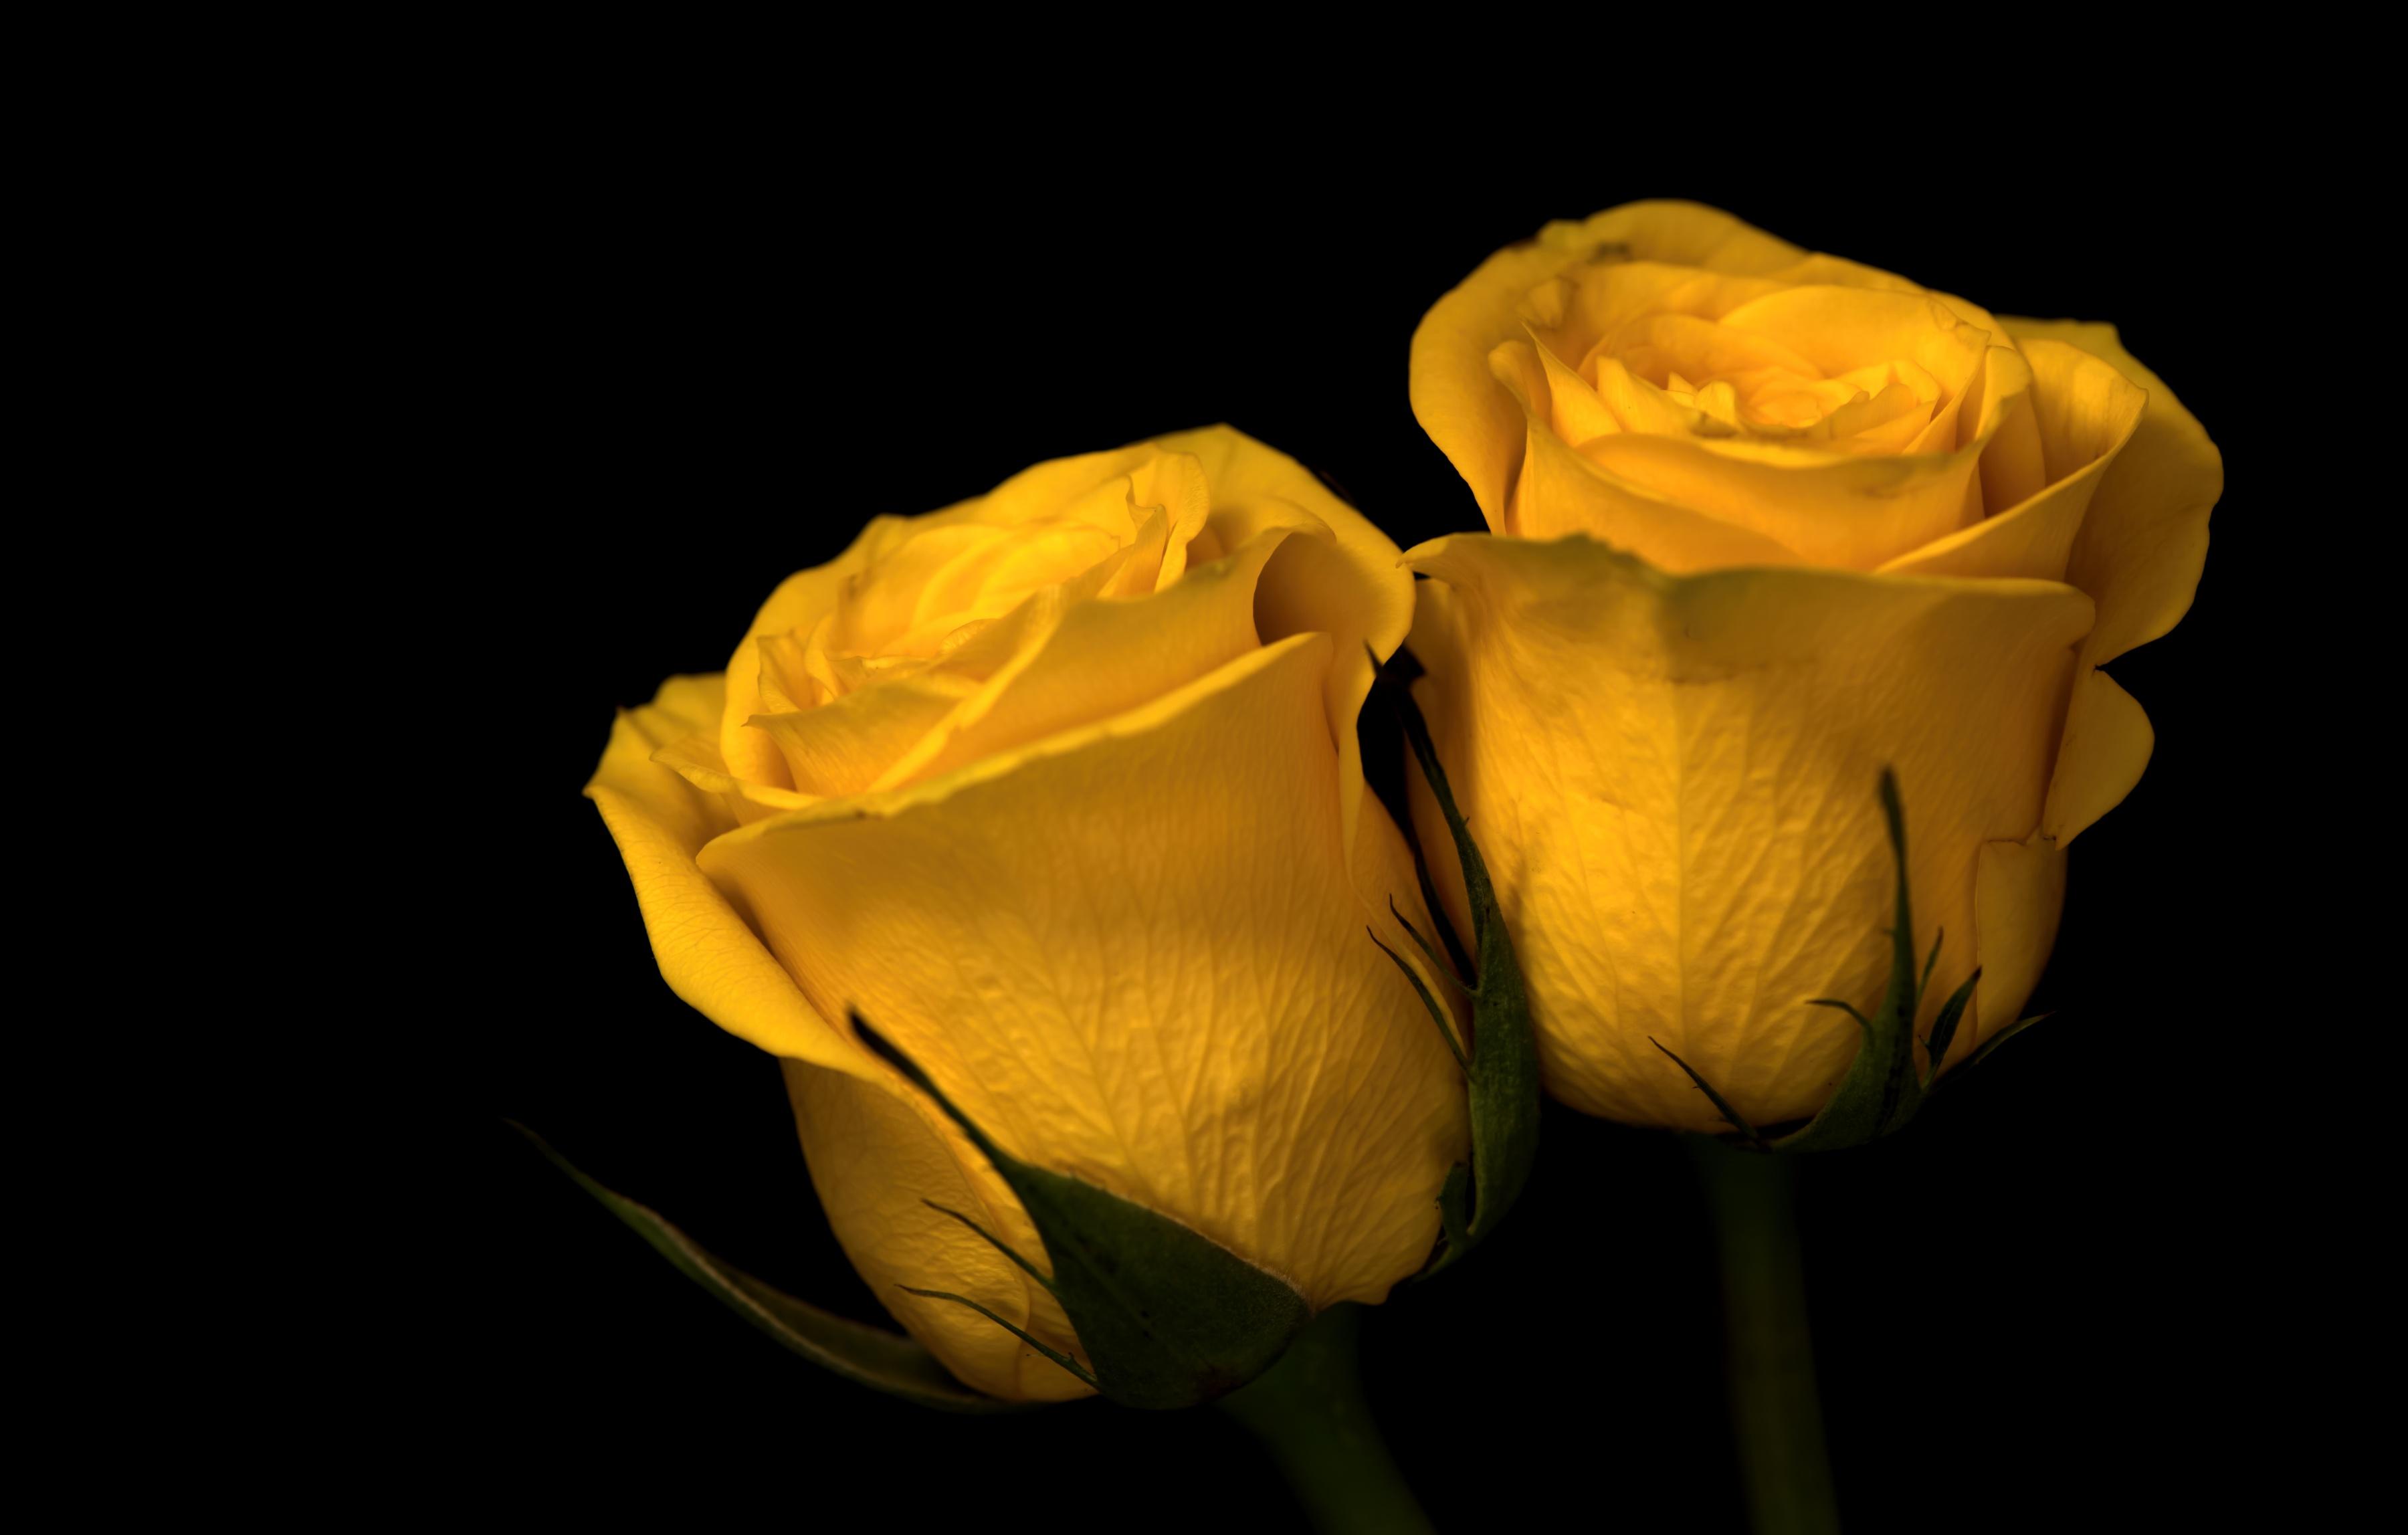 картинки цвет черный и желтый поскорей